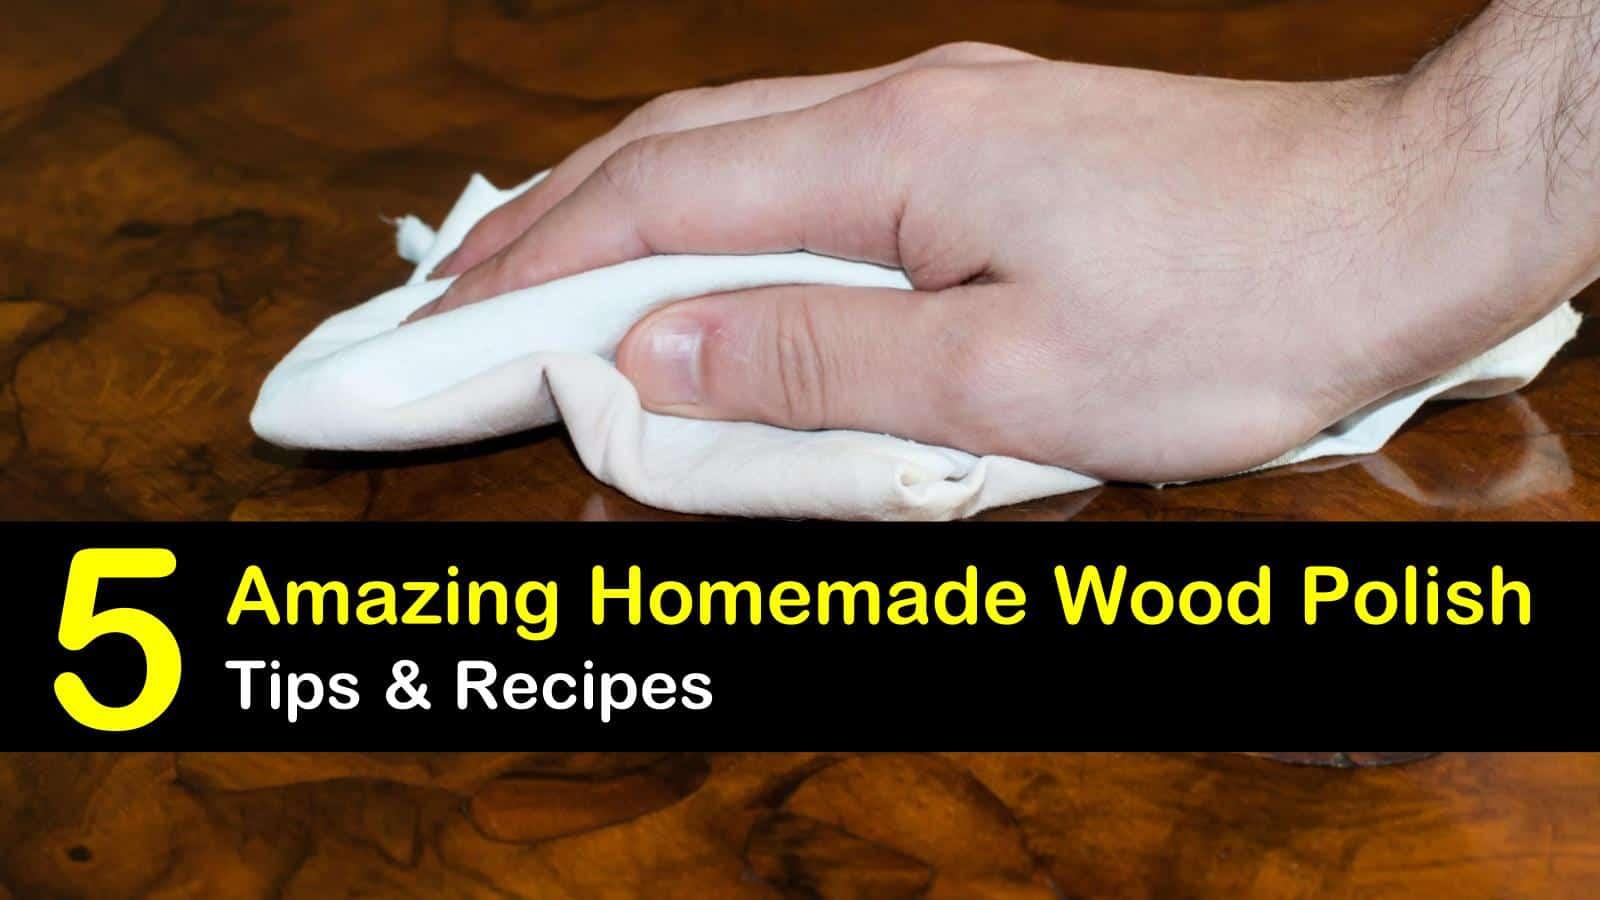 homemade wood polish titleimg1